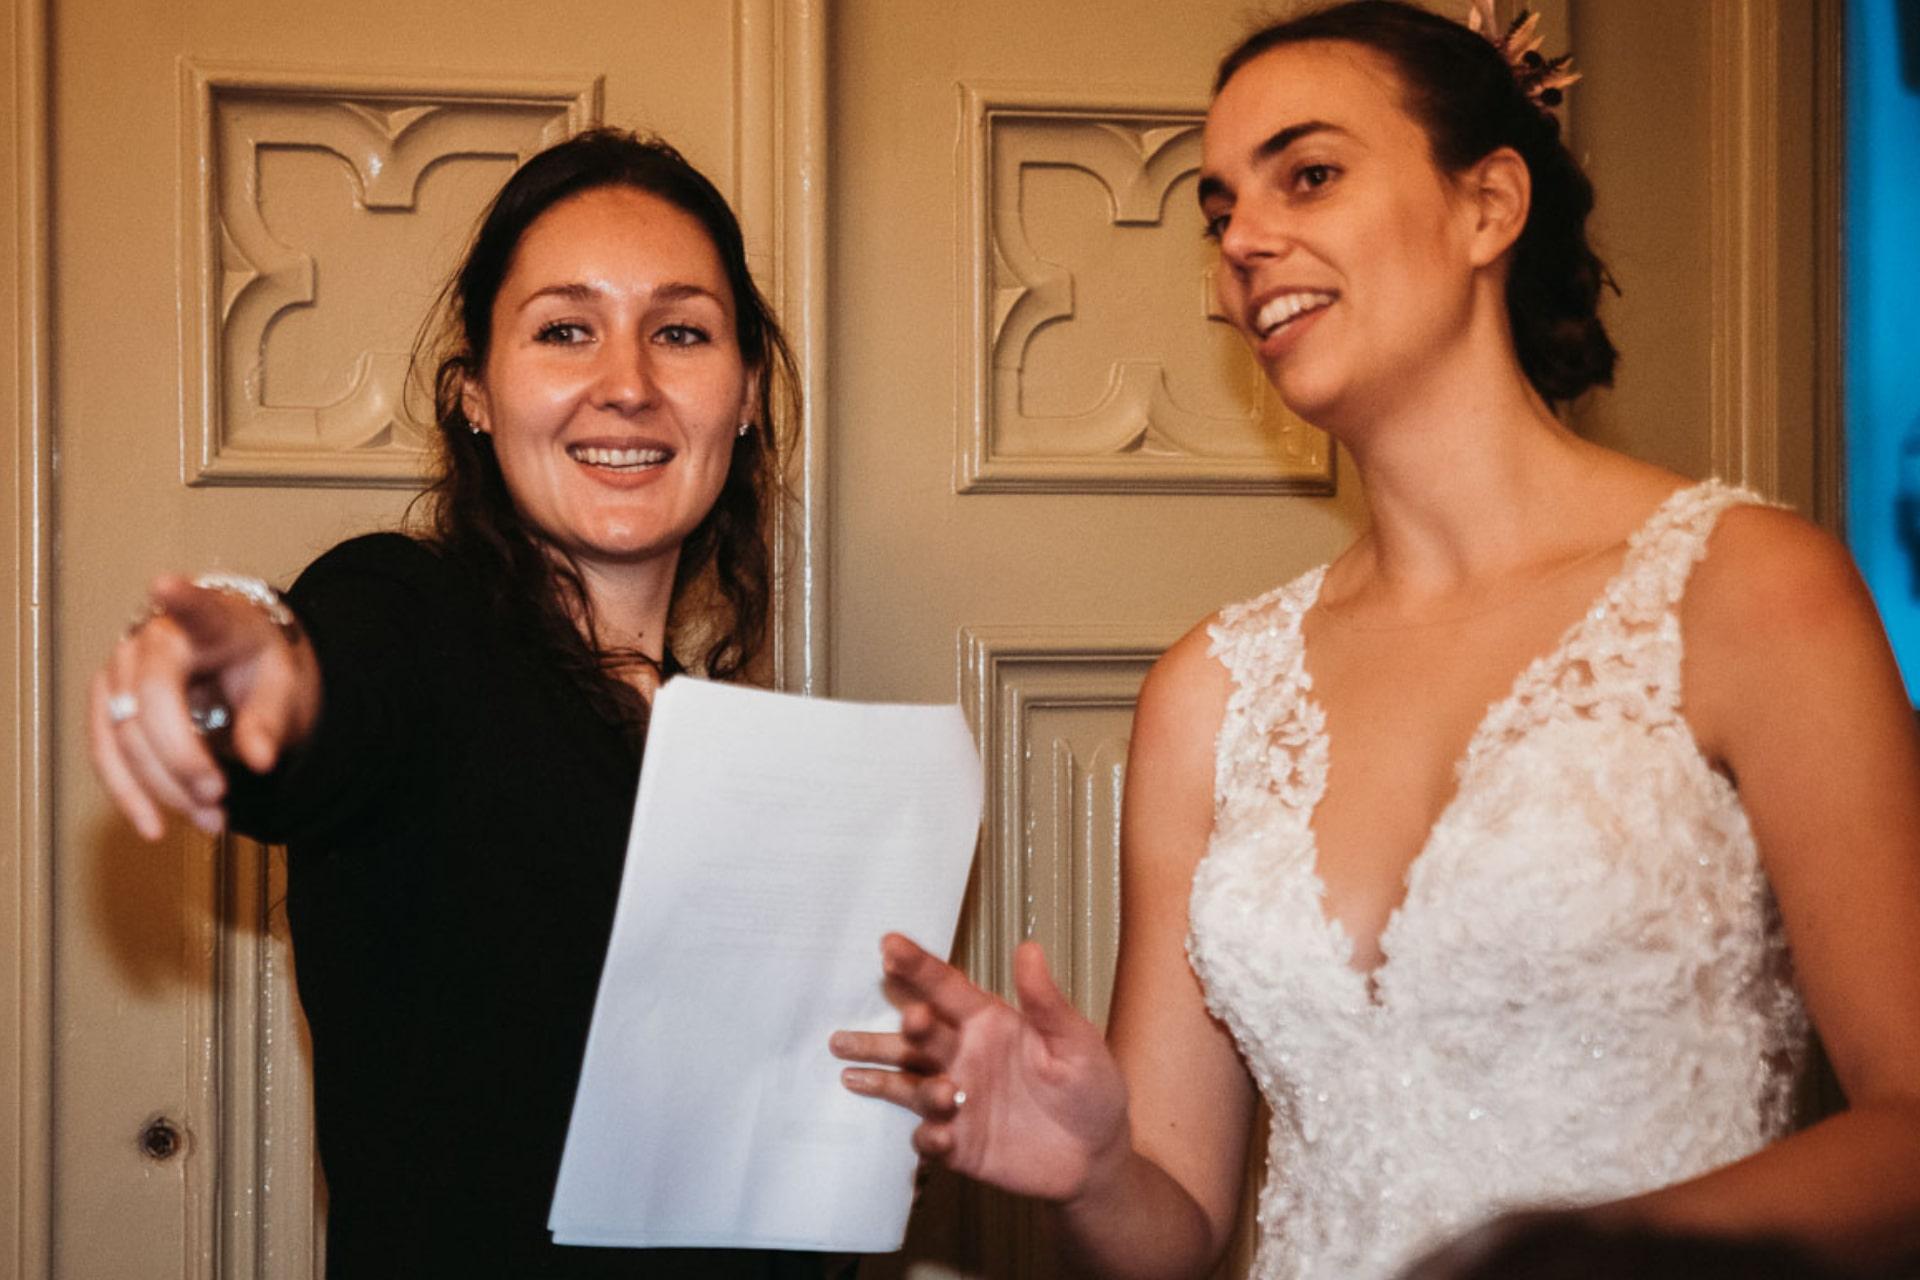 Weddingplanner, wel of niet doen?